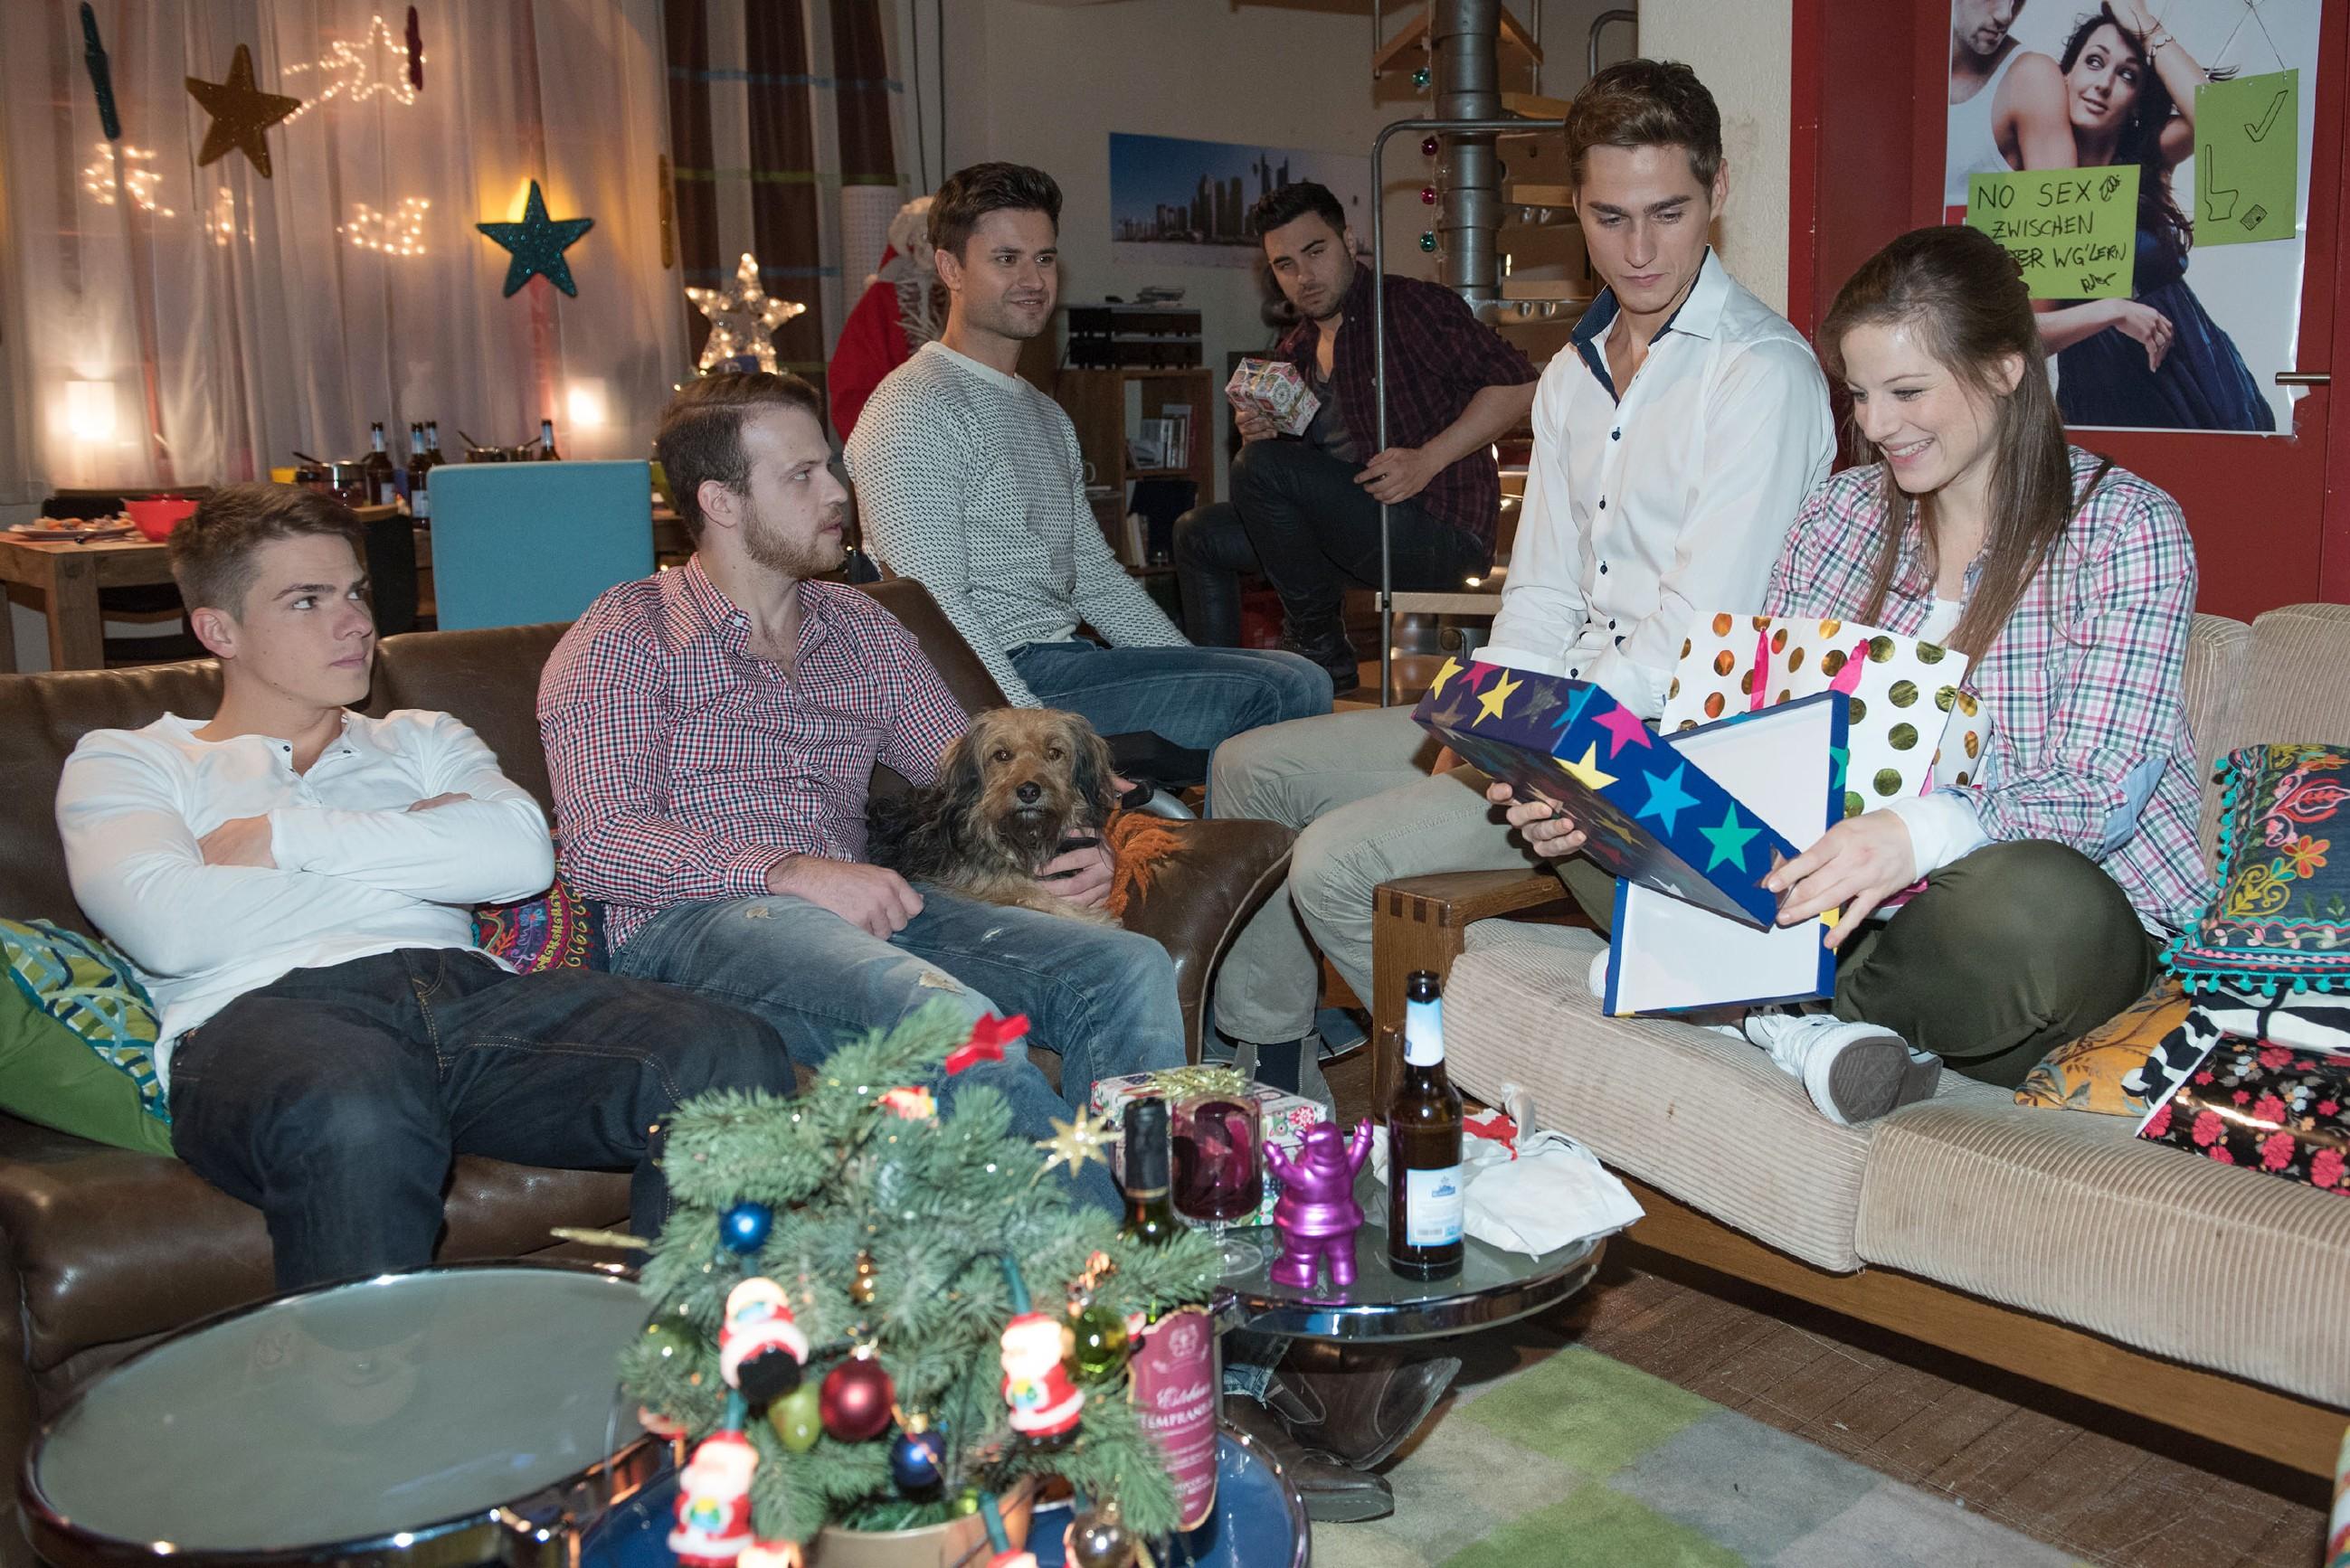 Elli (Nora Koppen) bringt (v.l.) Moritz (Marvin Linke), Tobias (Patrick Müller), Paco (Milos Vukovic), Easy (Lars Steinhöfel) und Ringo (Timothy Boldt) in Bedrängnis, weil sie für jeden von ihnen ein Weihnachtsgeschenk besorgt hat - während Ringo und Paco zu Ellis Überraschung unabhängig voneinander das gleiche Geschenk für sie besorgt haben... (Quelle: RTL / Stefan Behrens)